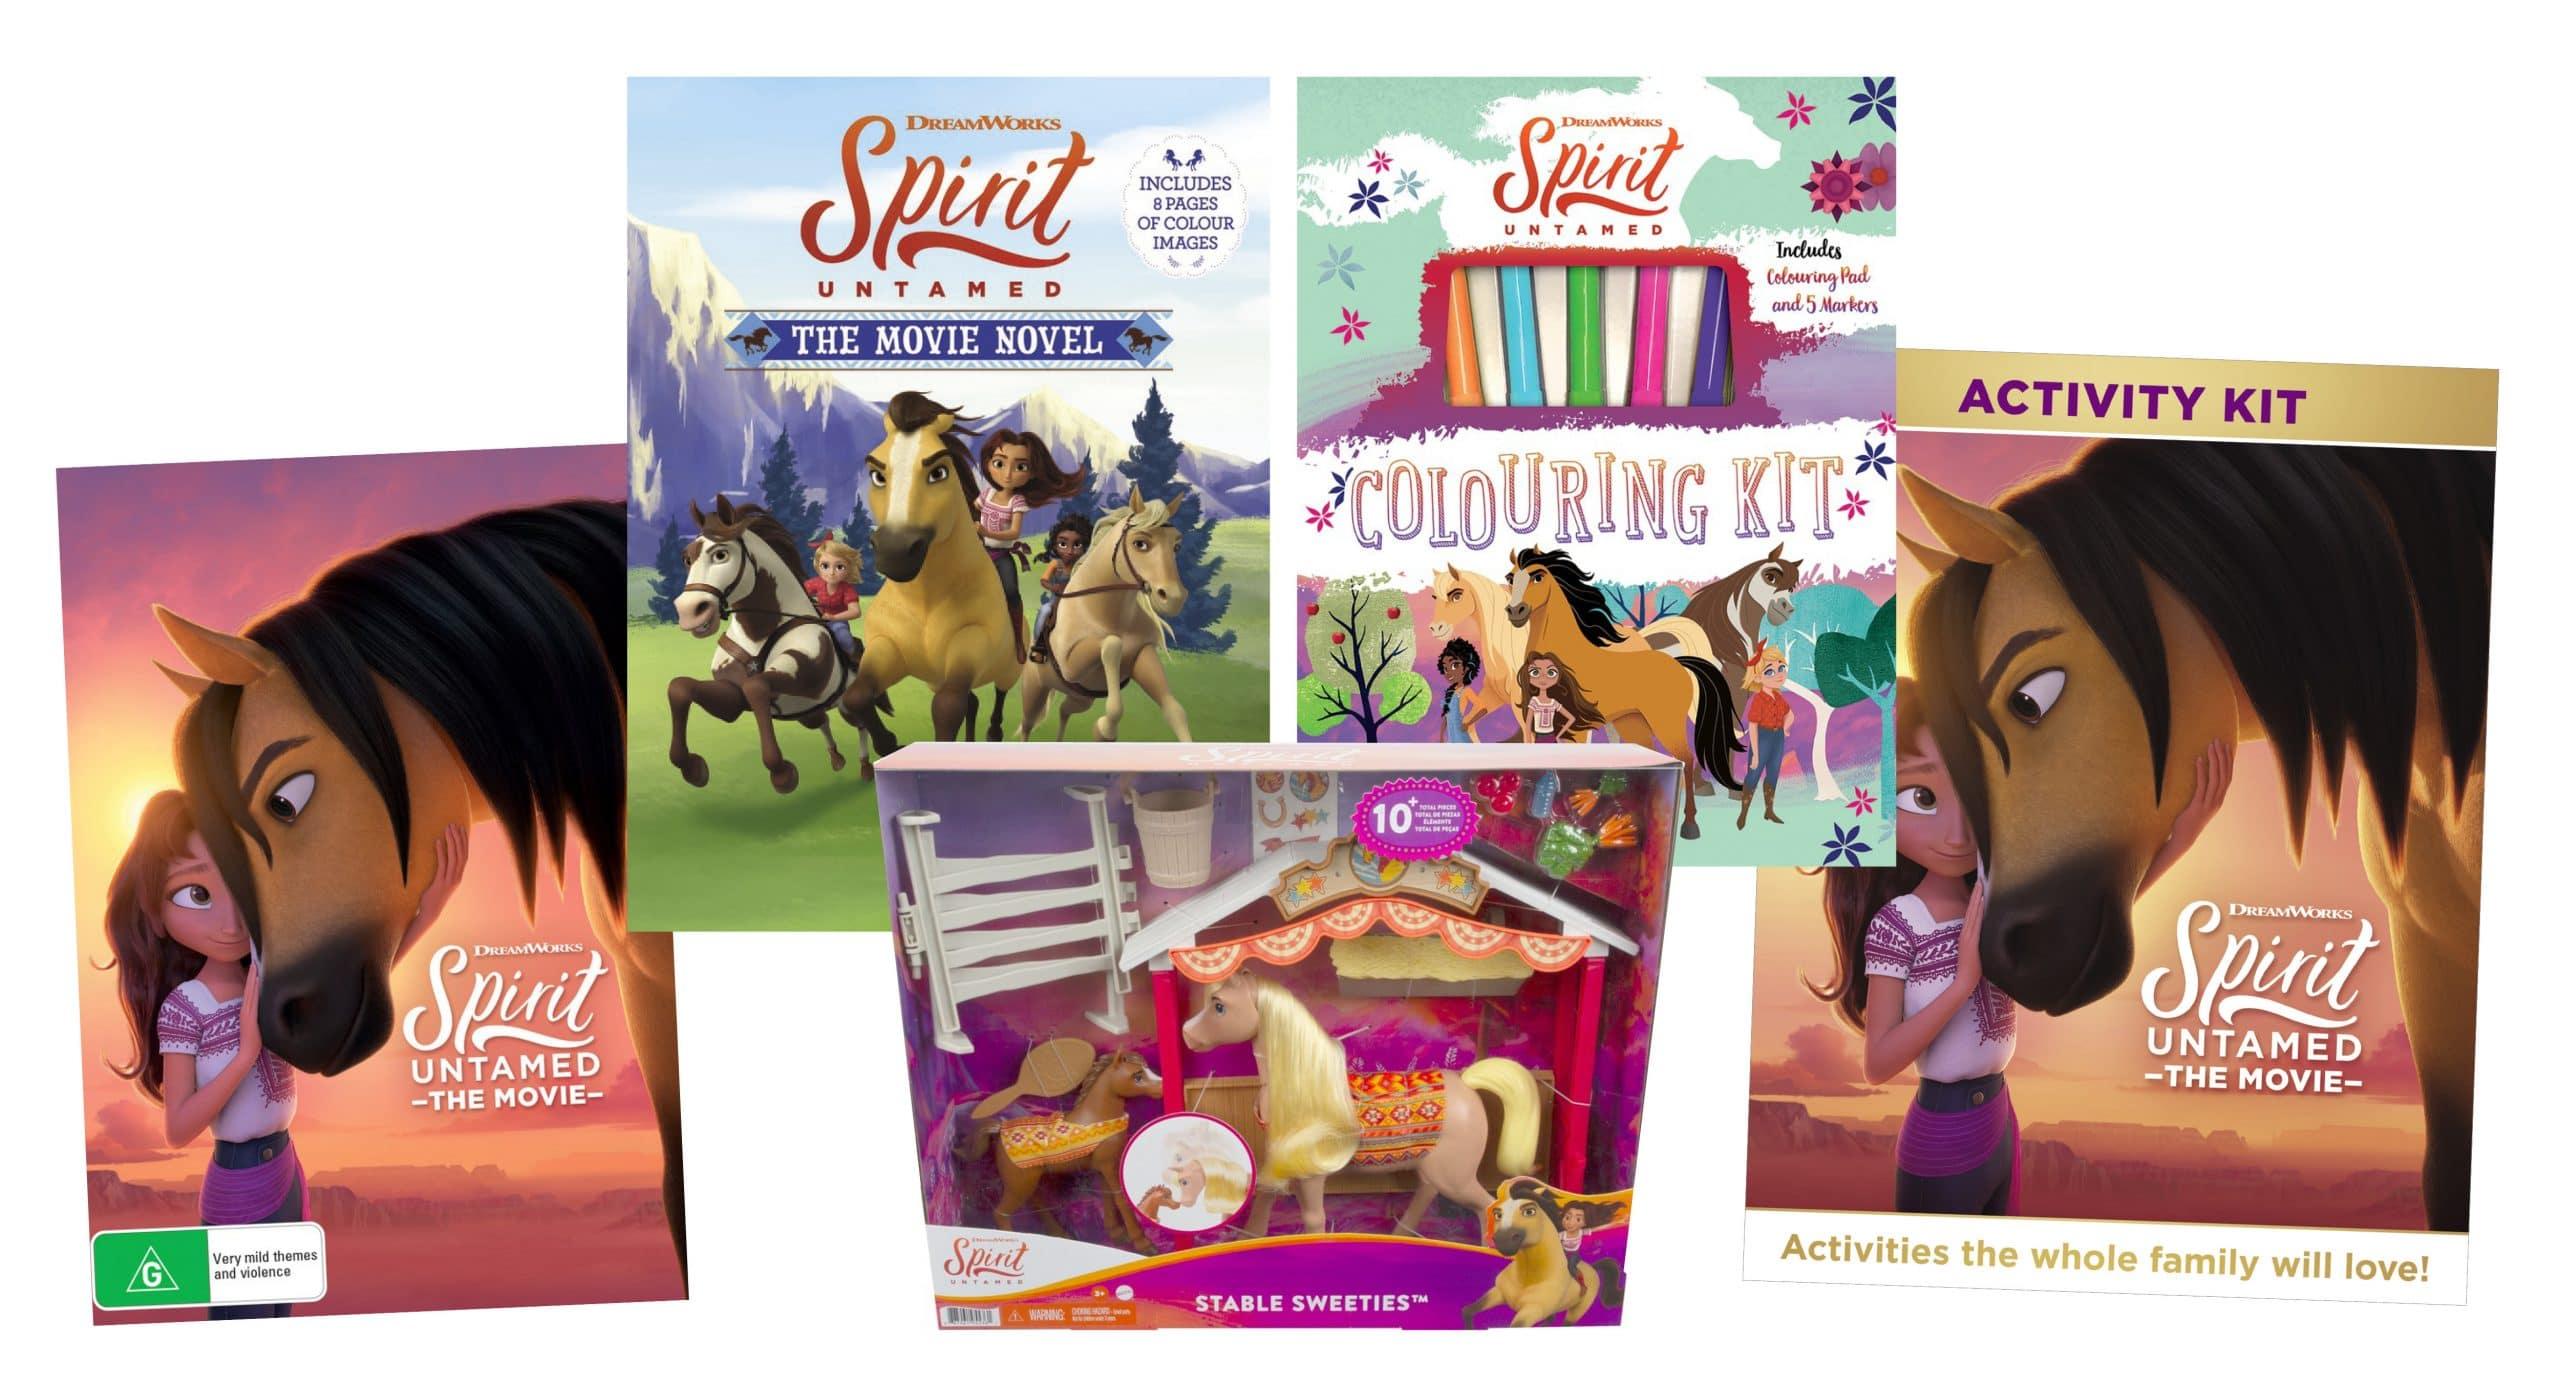 Spirit Untamed DVD Prize Pack